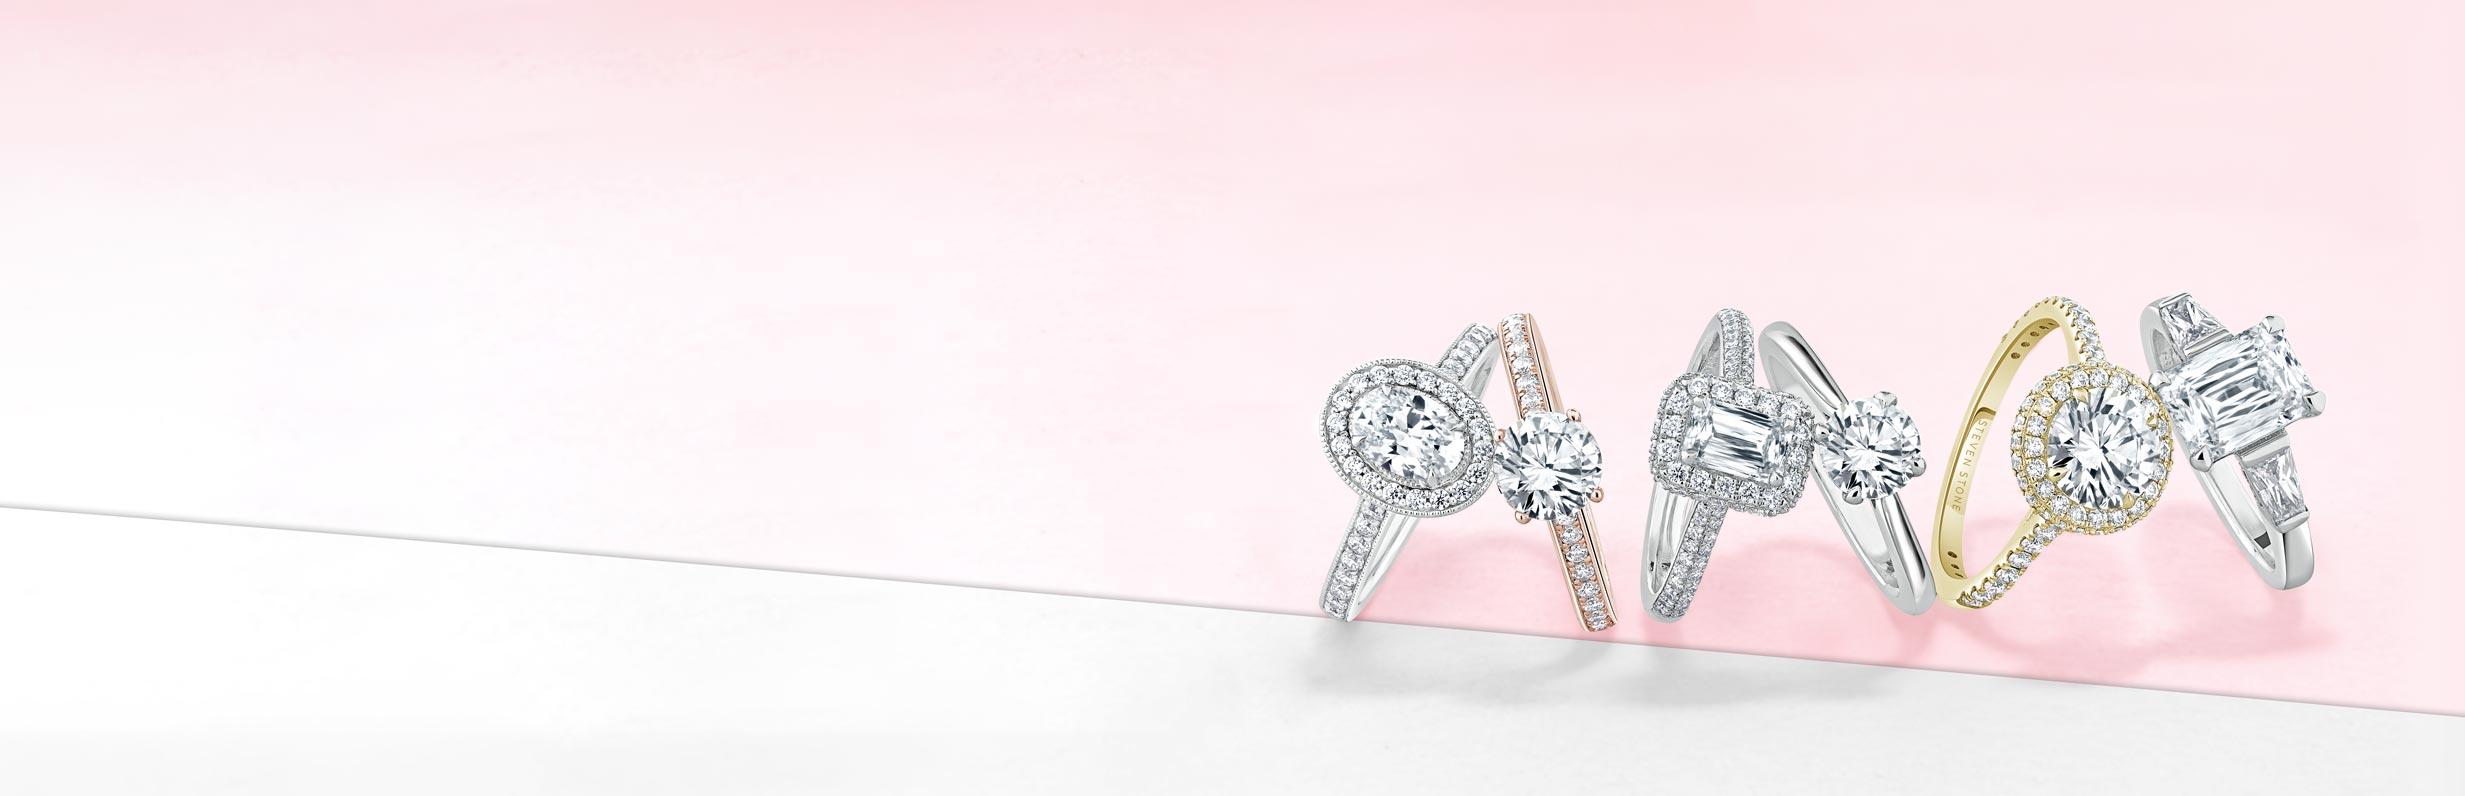 Yellow Gold Asscher Cut Engagement Rings